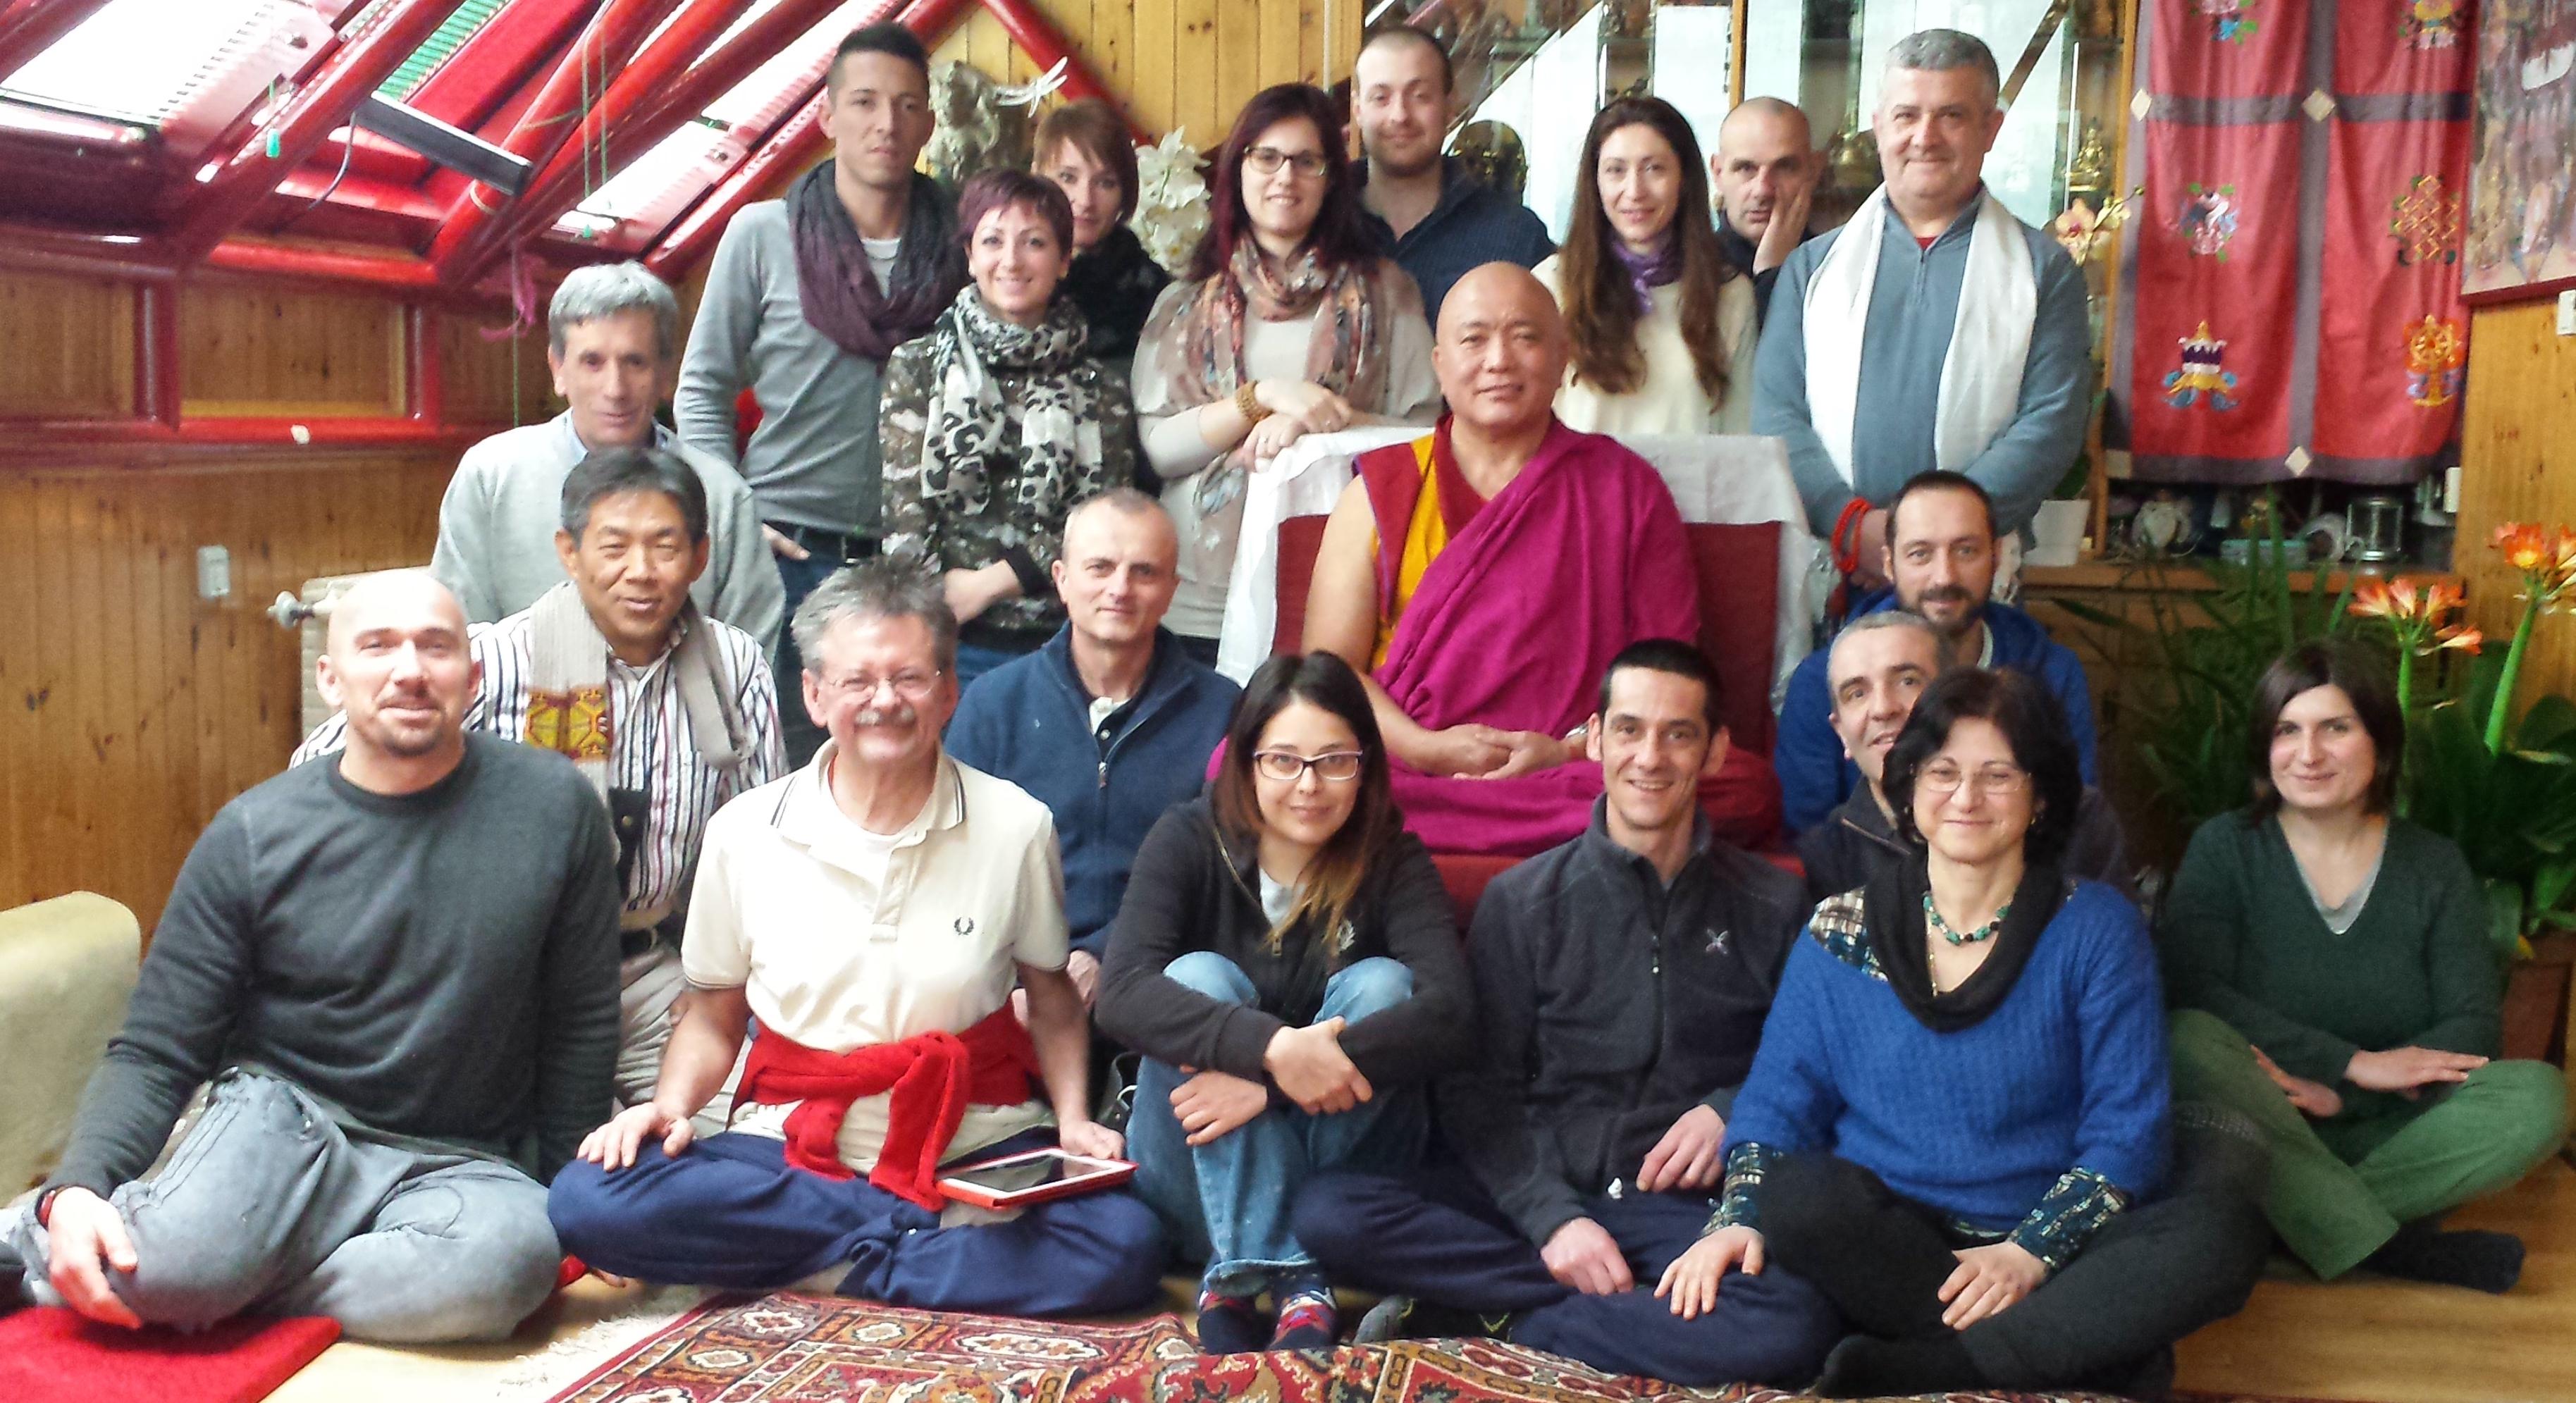 Ven. Ghesce Tenzin Tenphel: Come dobbiamo cambiare il nostro modo di pensare?